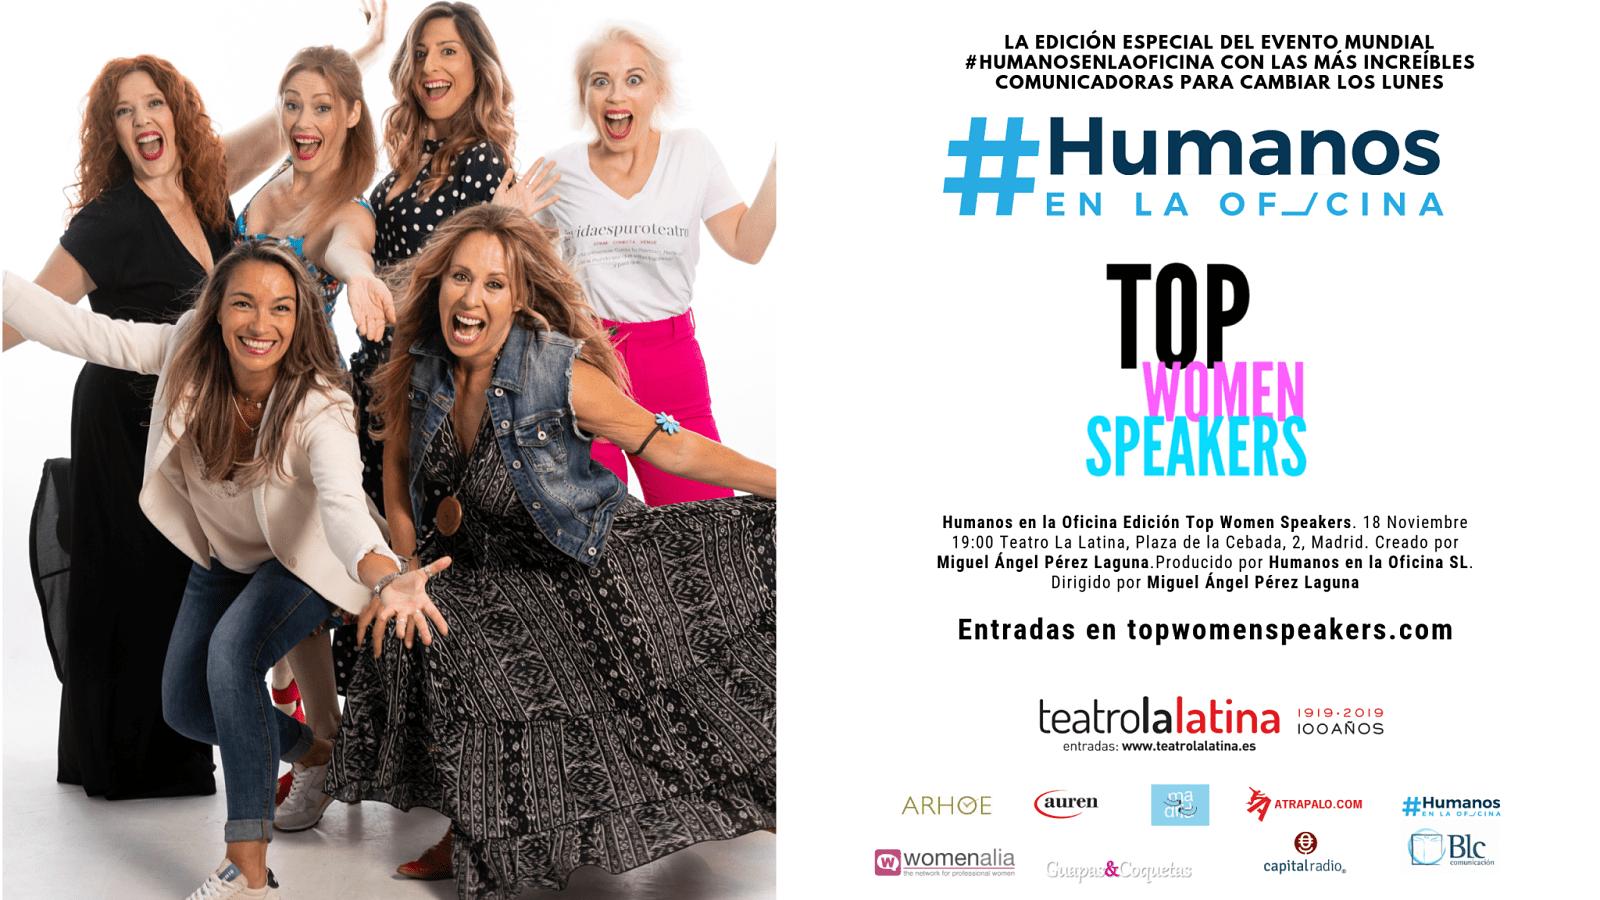 Humanos-en-la-Oficina-Edición-Top-Women-Speakers_Madrid.png